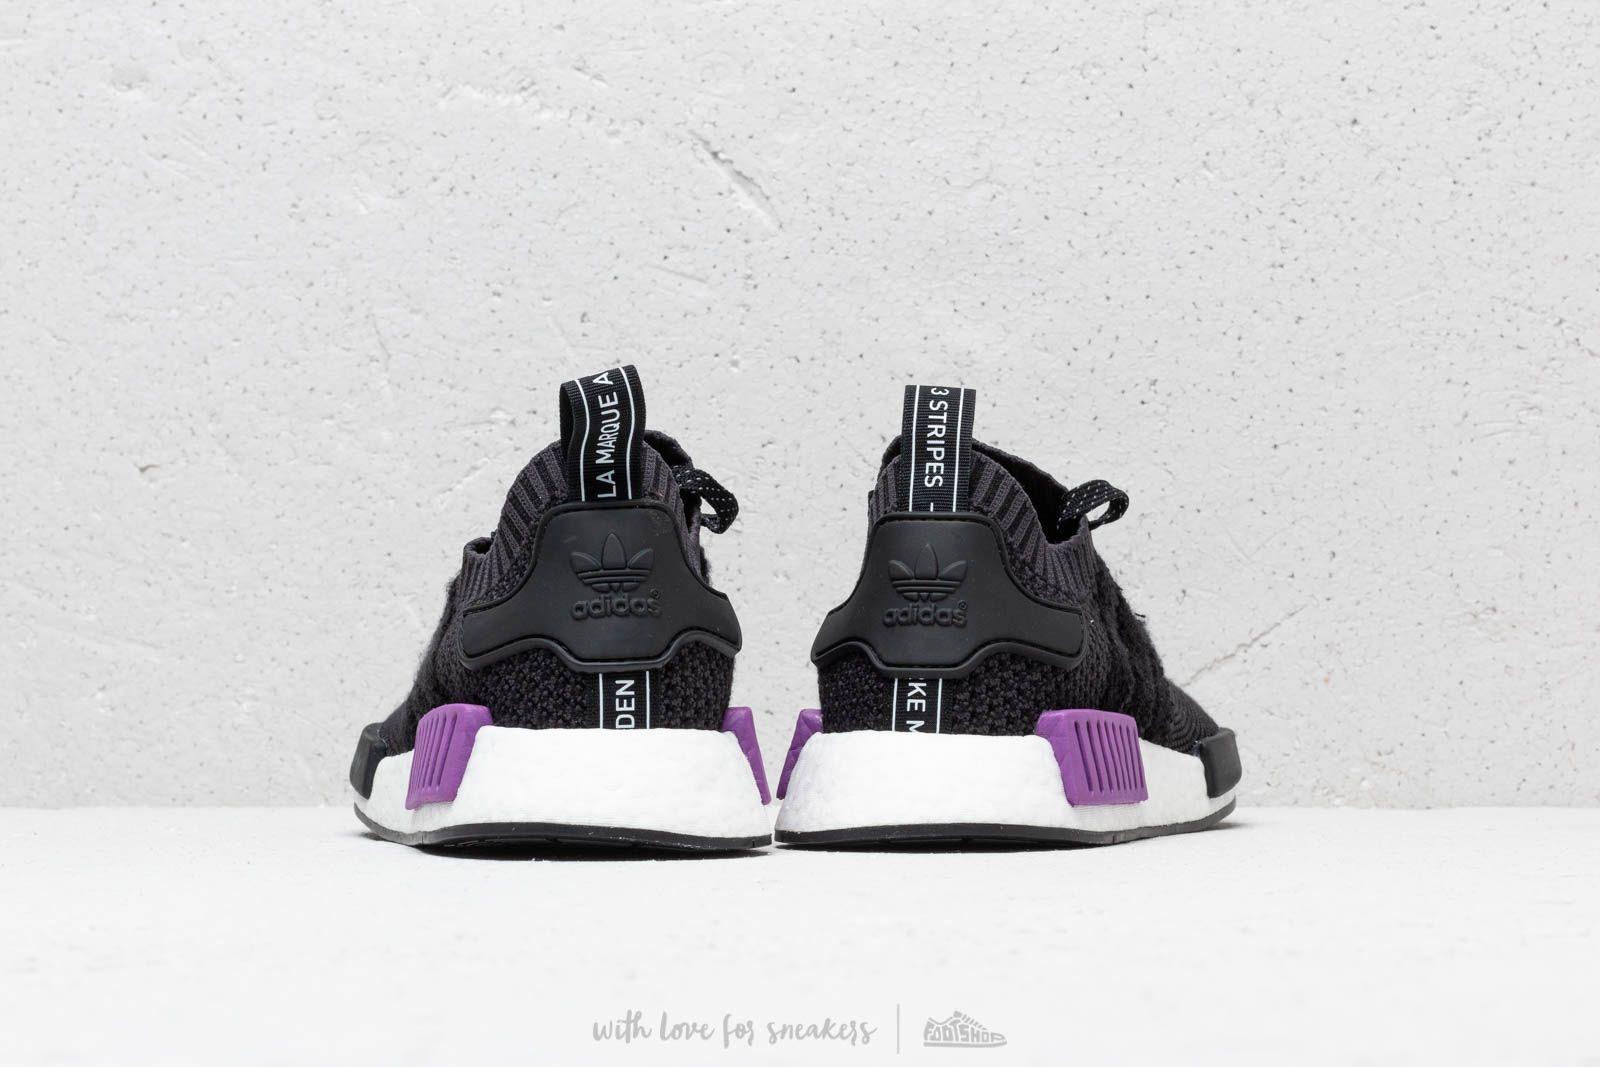 adidas NMD_R1 Primeknit Core Black Core Black Active Purple | Footshop